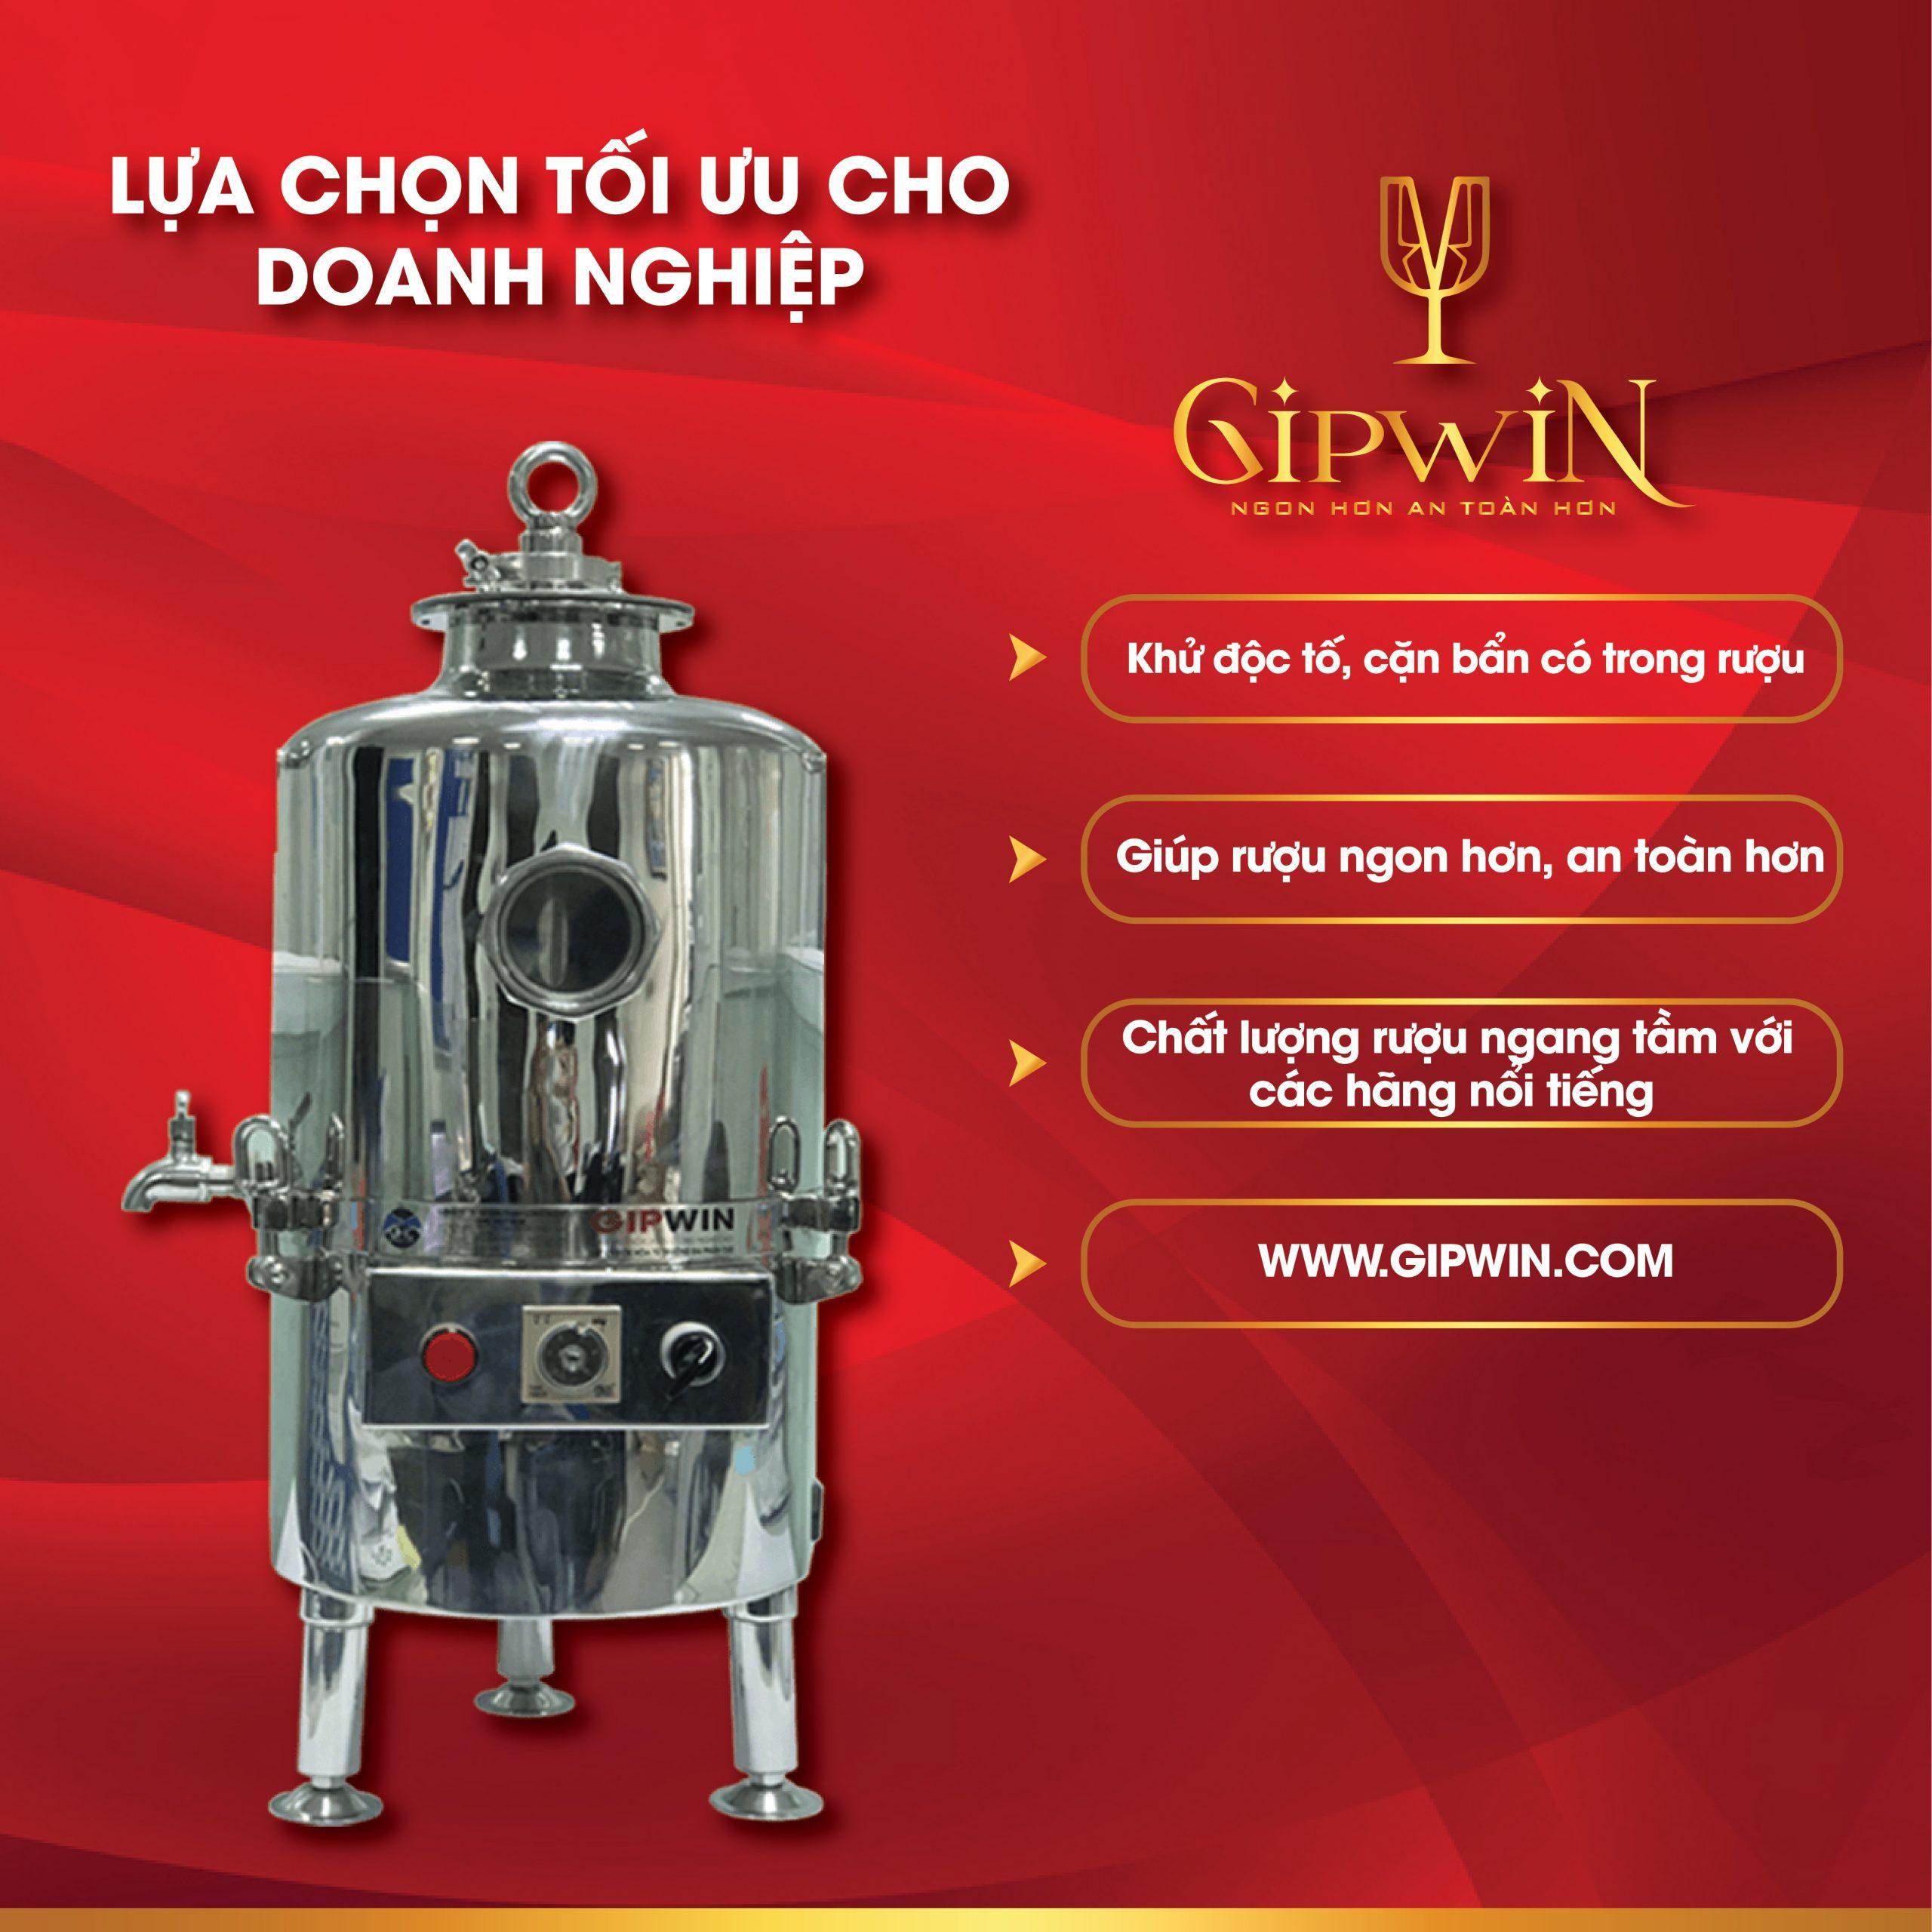 Lọc trong rượu bằng máy lão hóa rượu Gipwin được các doanh nghiệp lựa chọn hàng đầu.